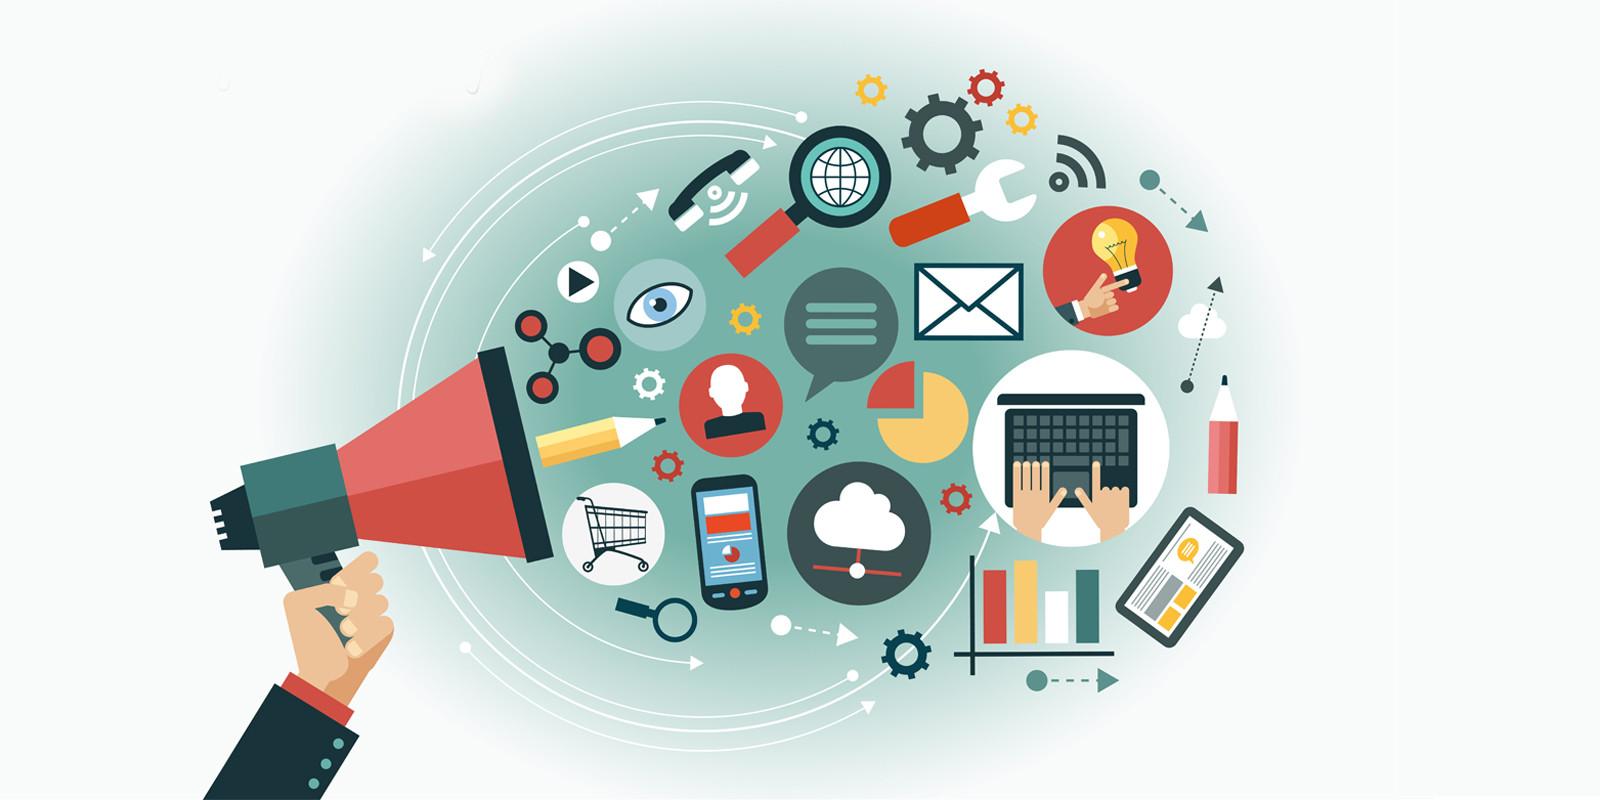 Vas zanimajo možnosti oglaševanja? Želite povečati obseg vaše spletne strani z dobrimi članki?